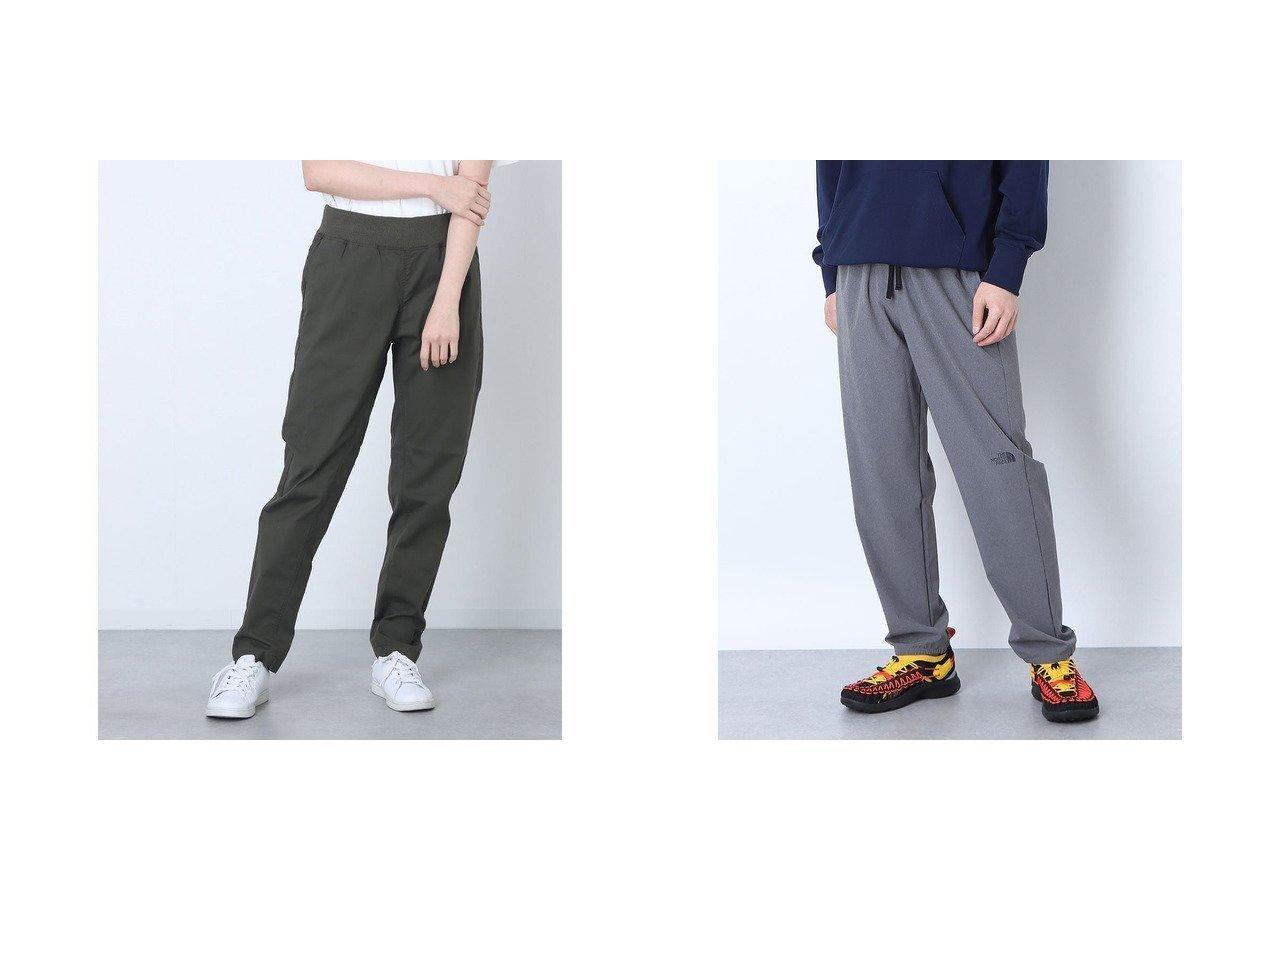 【THE NORTH FACE/ザ ノース フェイス】のレディース アウトドア ロングパンツ Cotton OX Light Pant&メンズ アウトドア ロングパンツ Flexible Ankle Pant おすすめ!人気、トレンド・レディースファッションの通販 おすすめで人気の流行・トレンド、ファッションの通販商品 インテリア・家具・メンズファッション・キッズファッション・レディースファッション・服の通販 founy(ファニー) https://founy.com/ ファッション Fashion レディースファッション WOMEN パンツ Pants アウトドア 春 Spring ストレッチ ストレート ロング 2021年 2021 S/S・春夏 SS・Spring/Summer 2021春夏・S/S SS/Spring/Summer/2021 くるぶし シンプル ポケット メンズ |ID:crp329100000042304